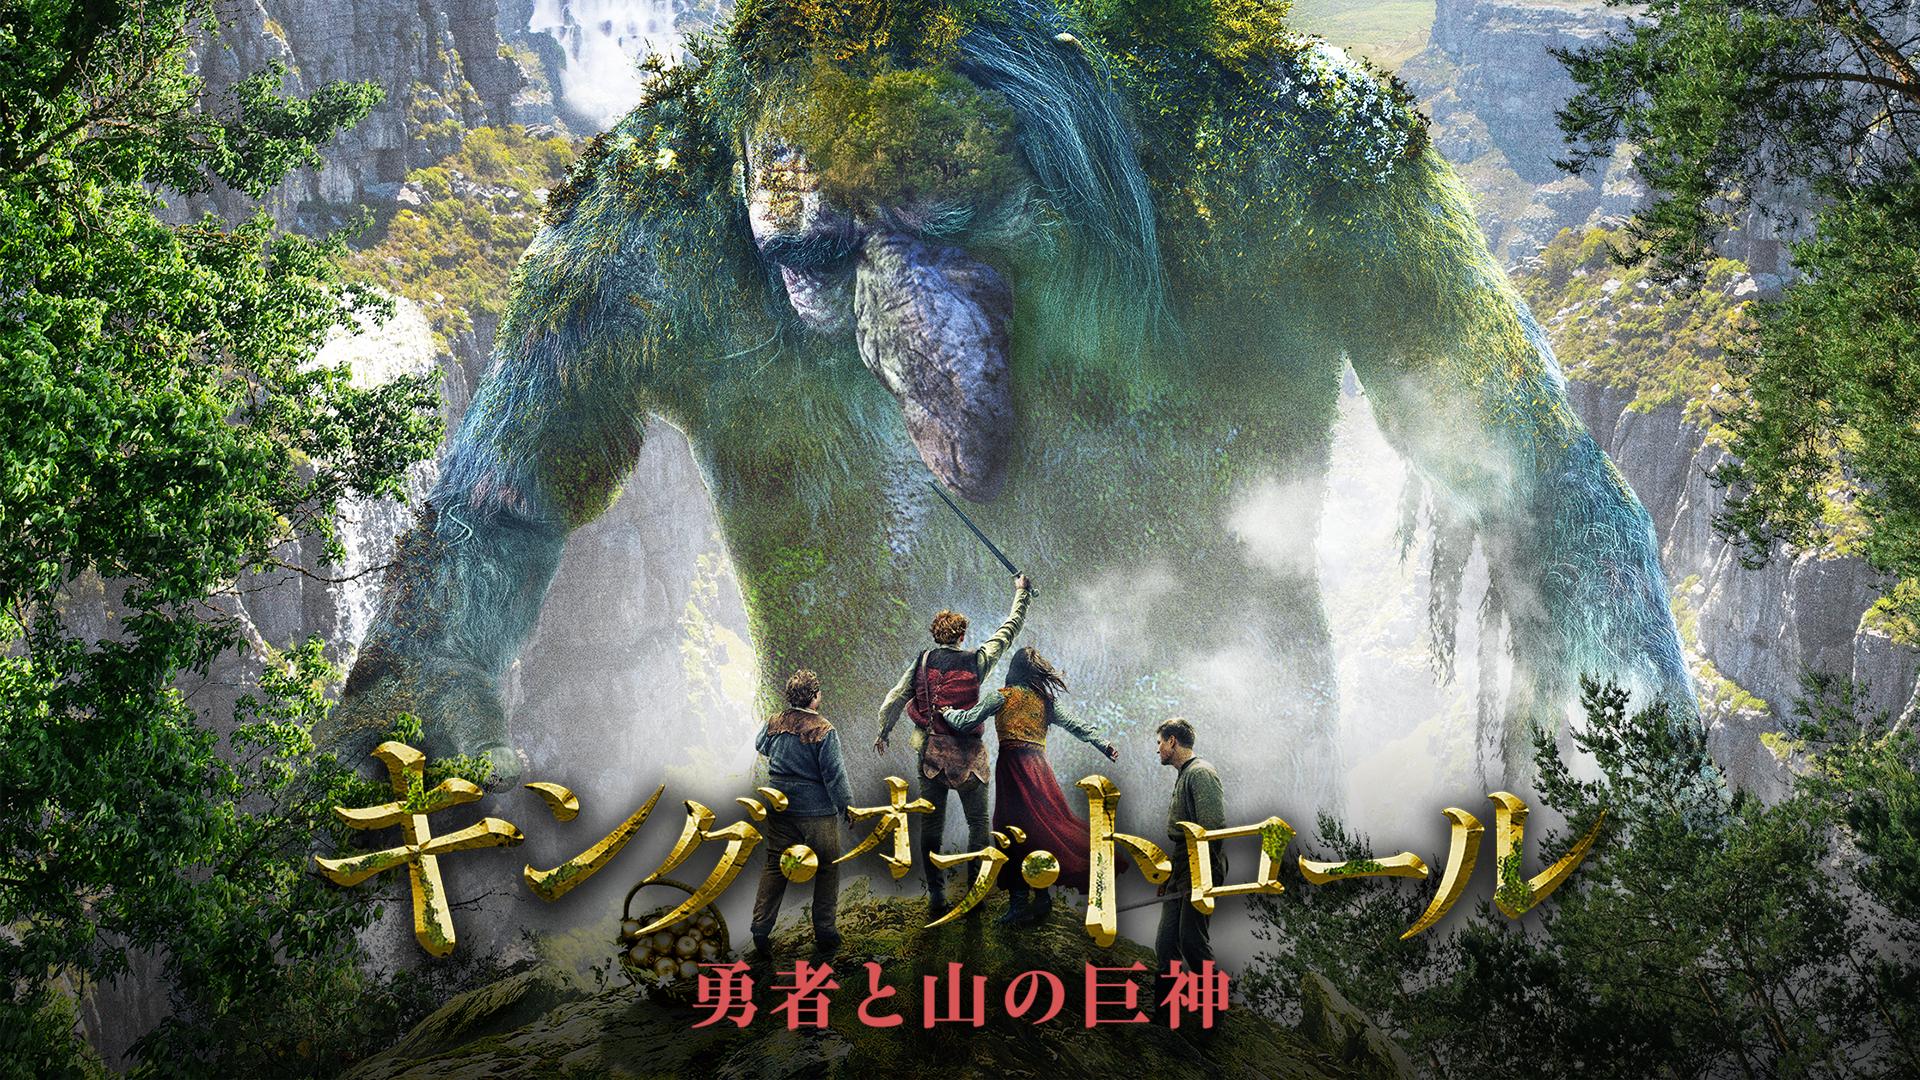 キング・オブ・トロール 勇者と山の巨神 動画